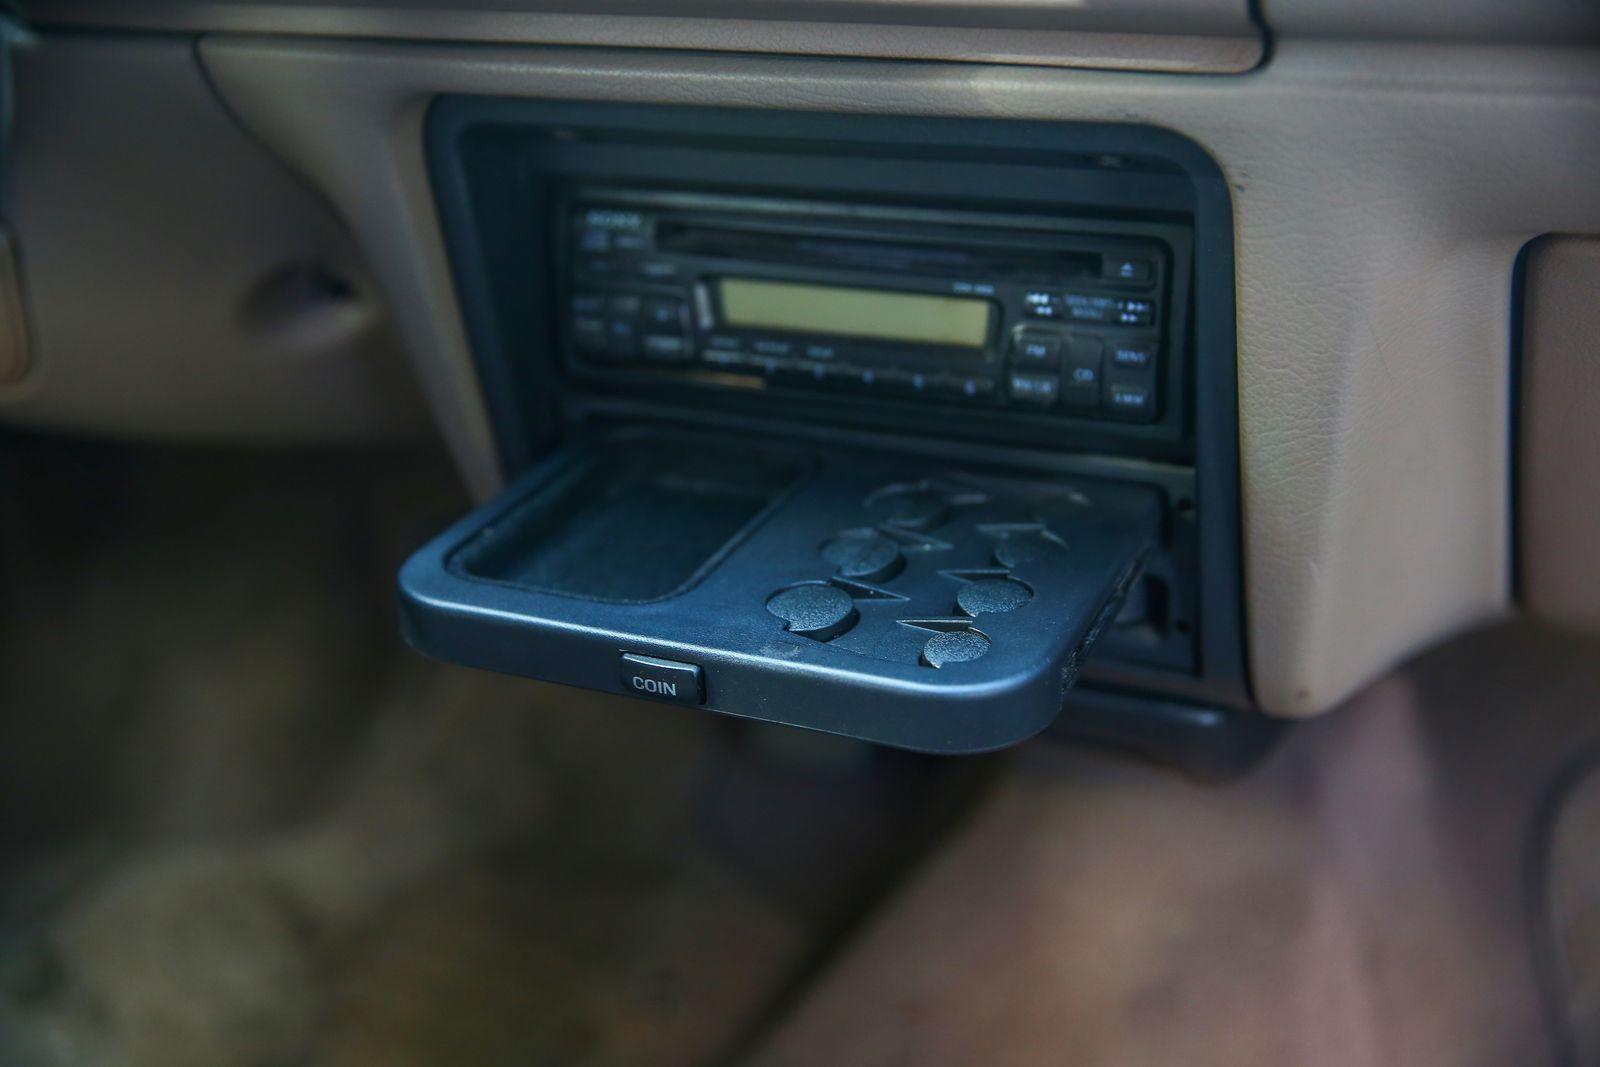 Безграничный сарай за 150 тысяч: опыт владения Ford Taurus Wagon 1994